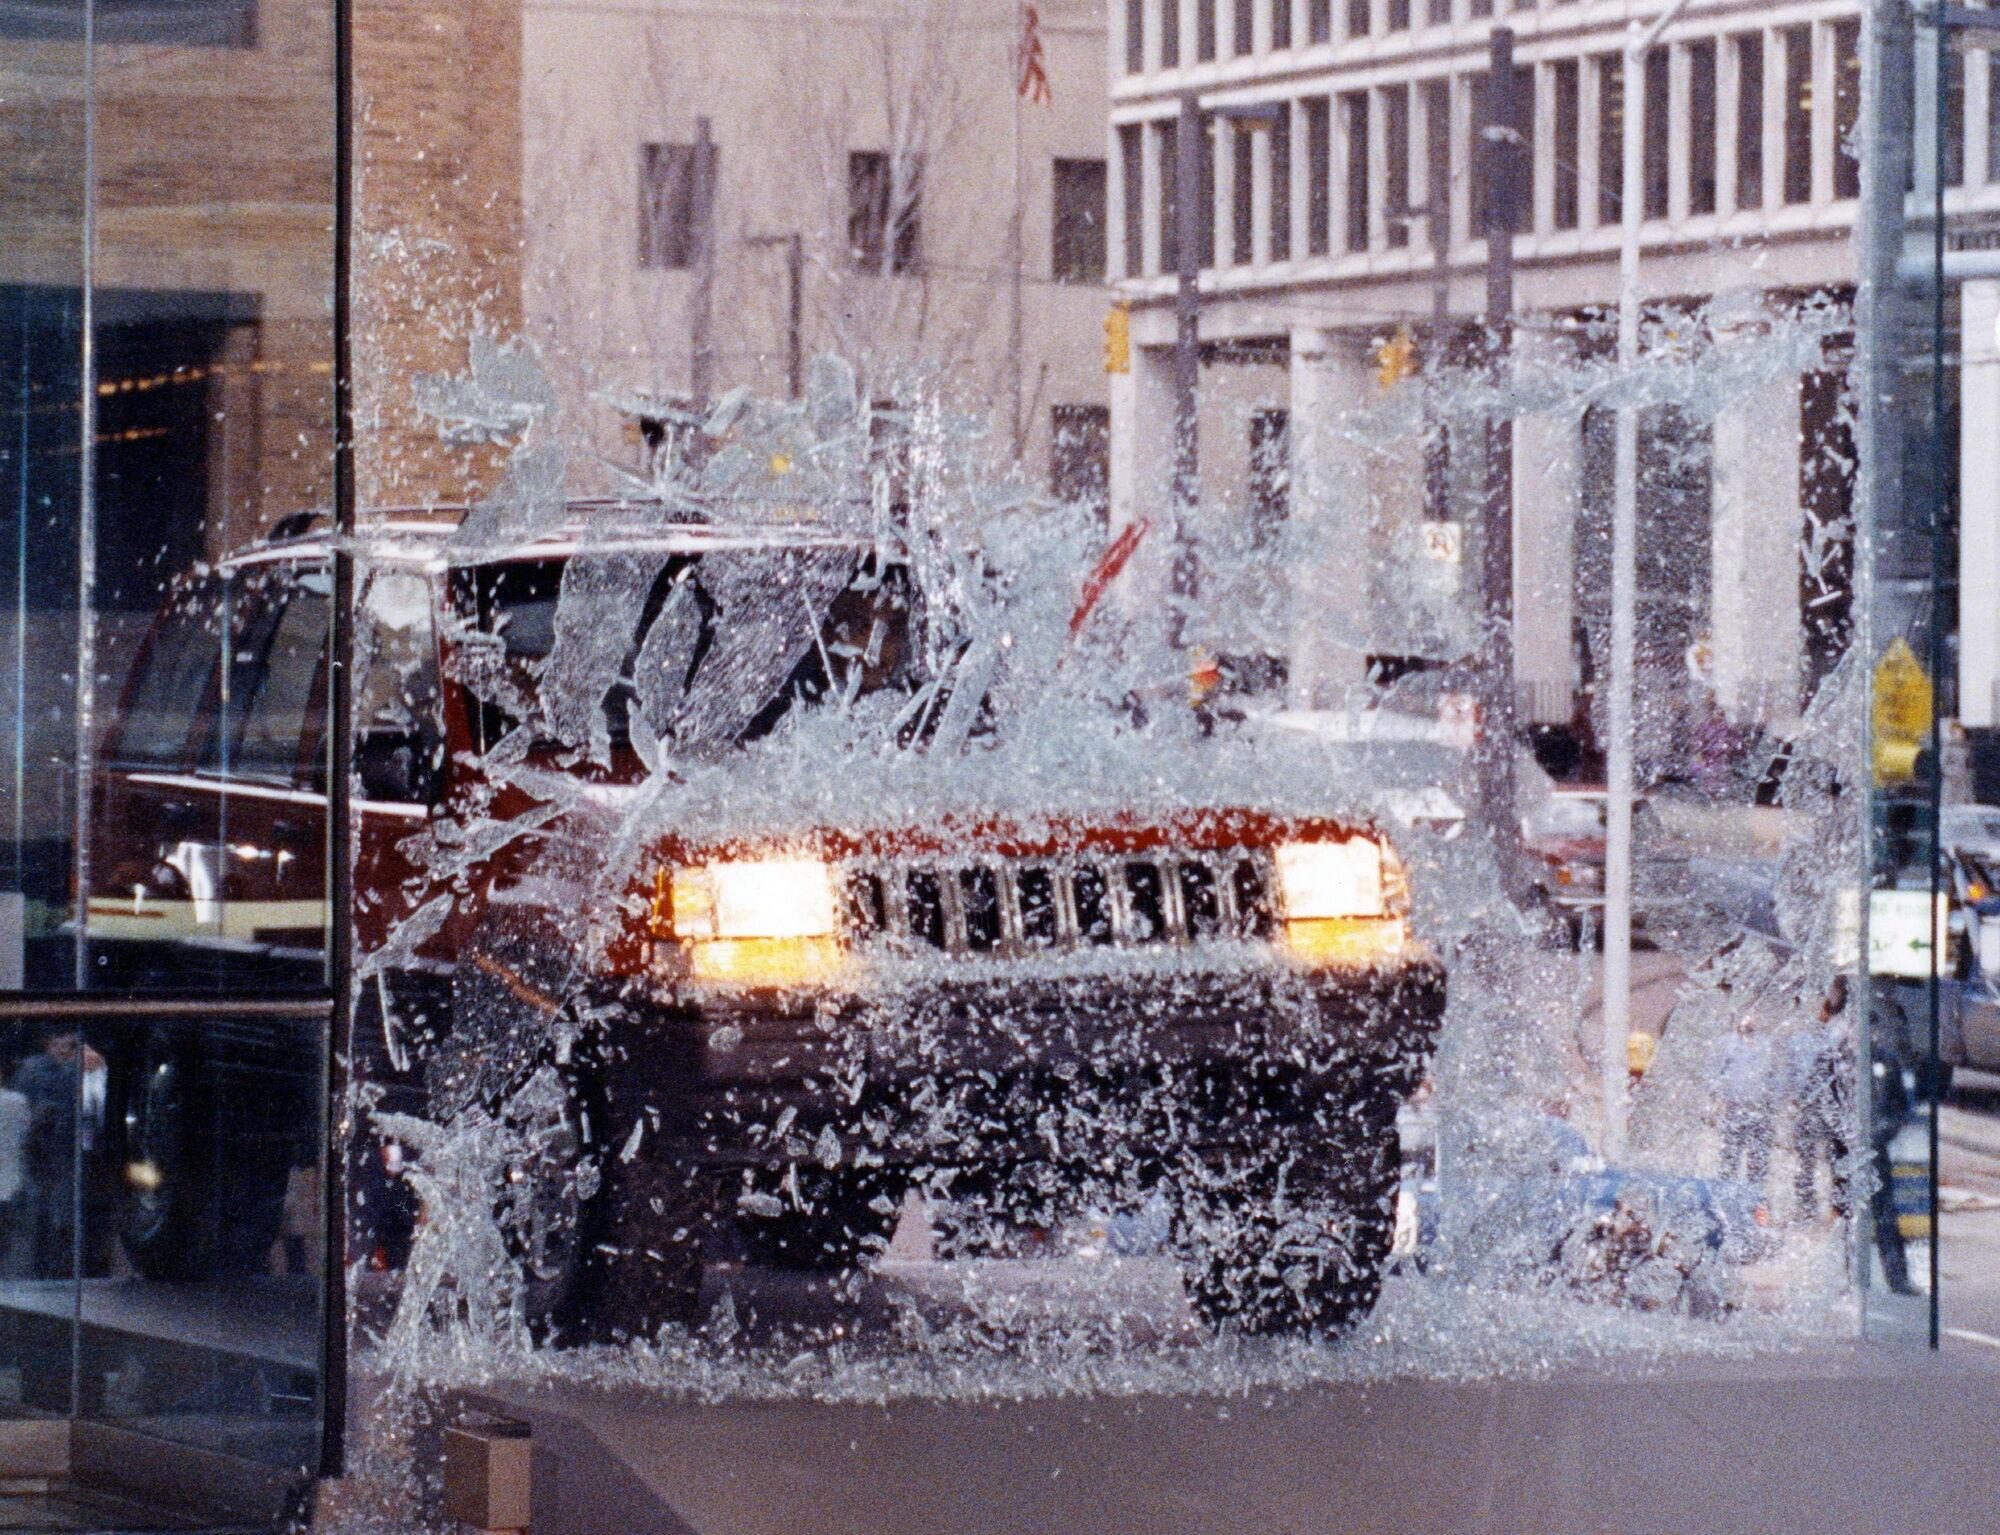 7 января 1992 года на автошоу в Детройте президент Chrysler Боб Лутц въехал в здание выставочного центра через стеклянную дверь